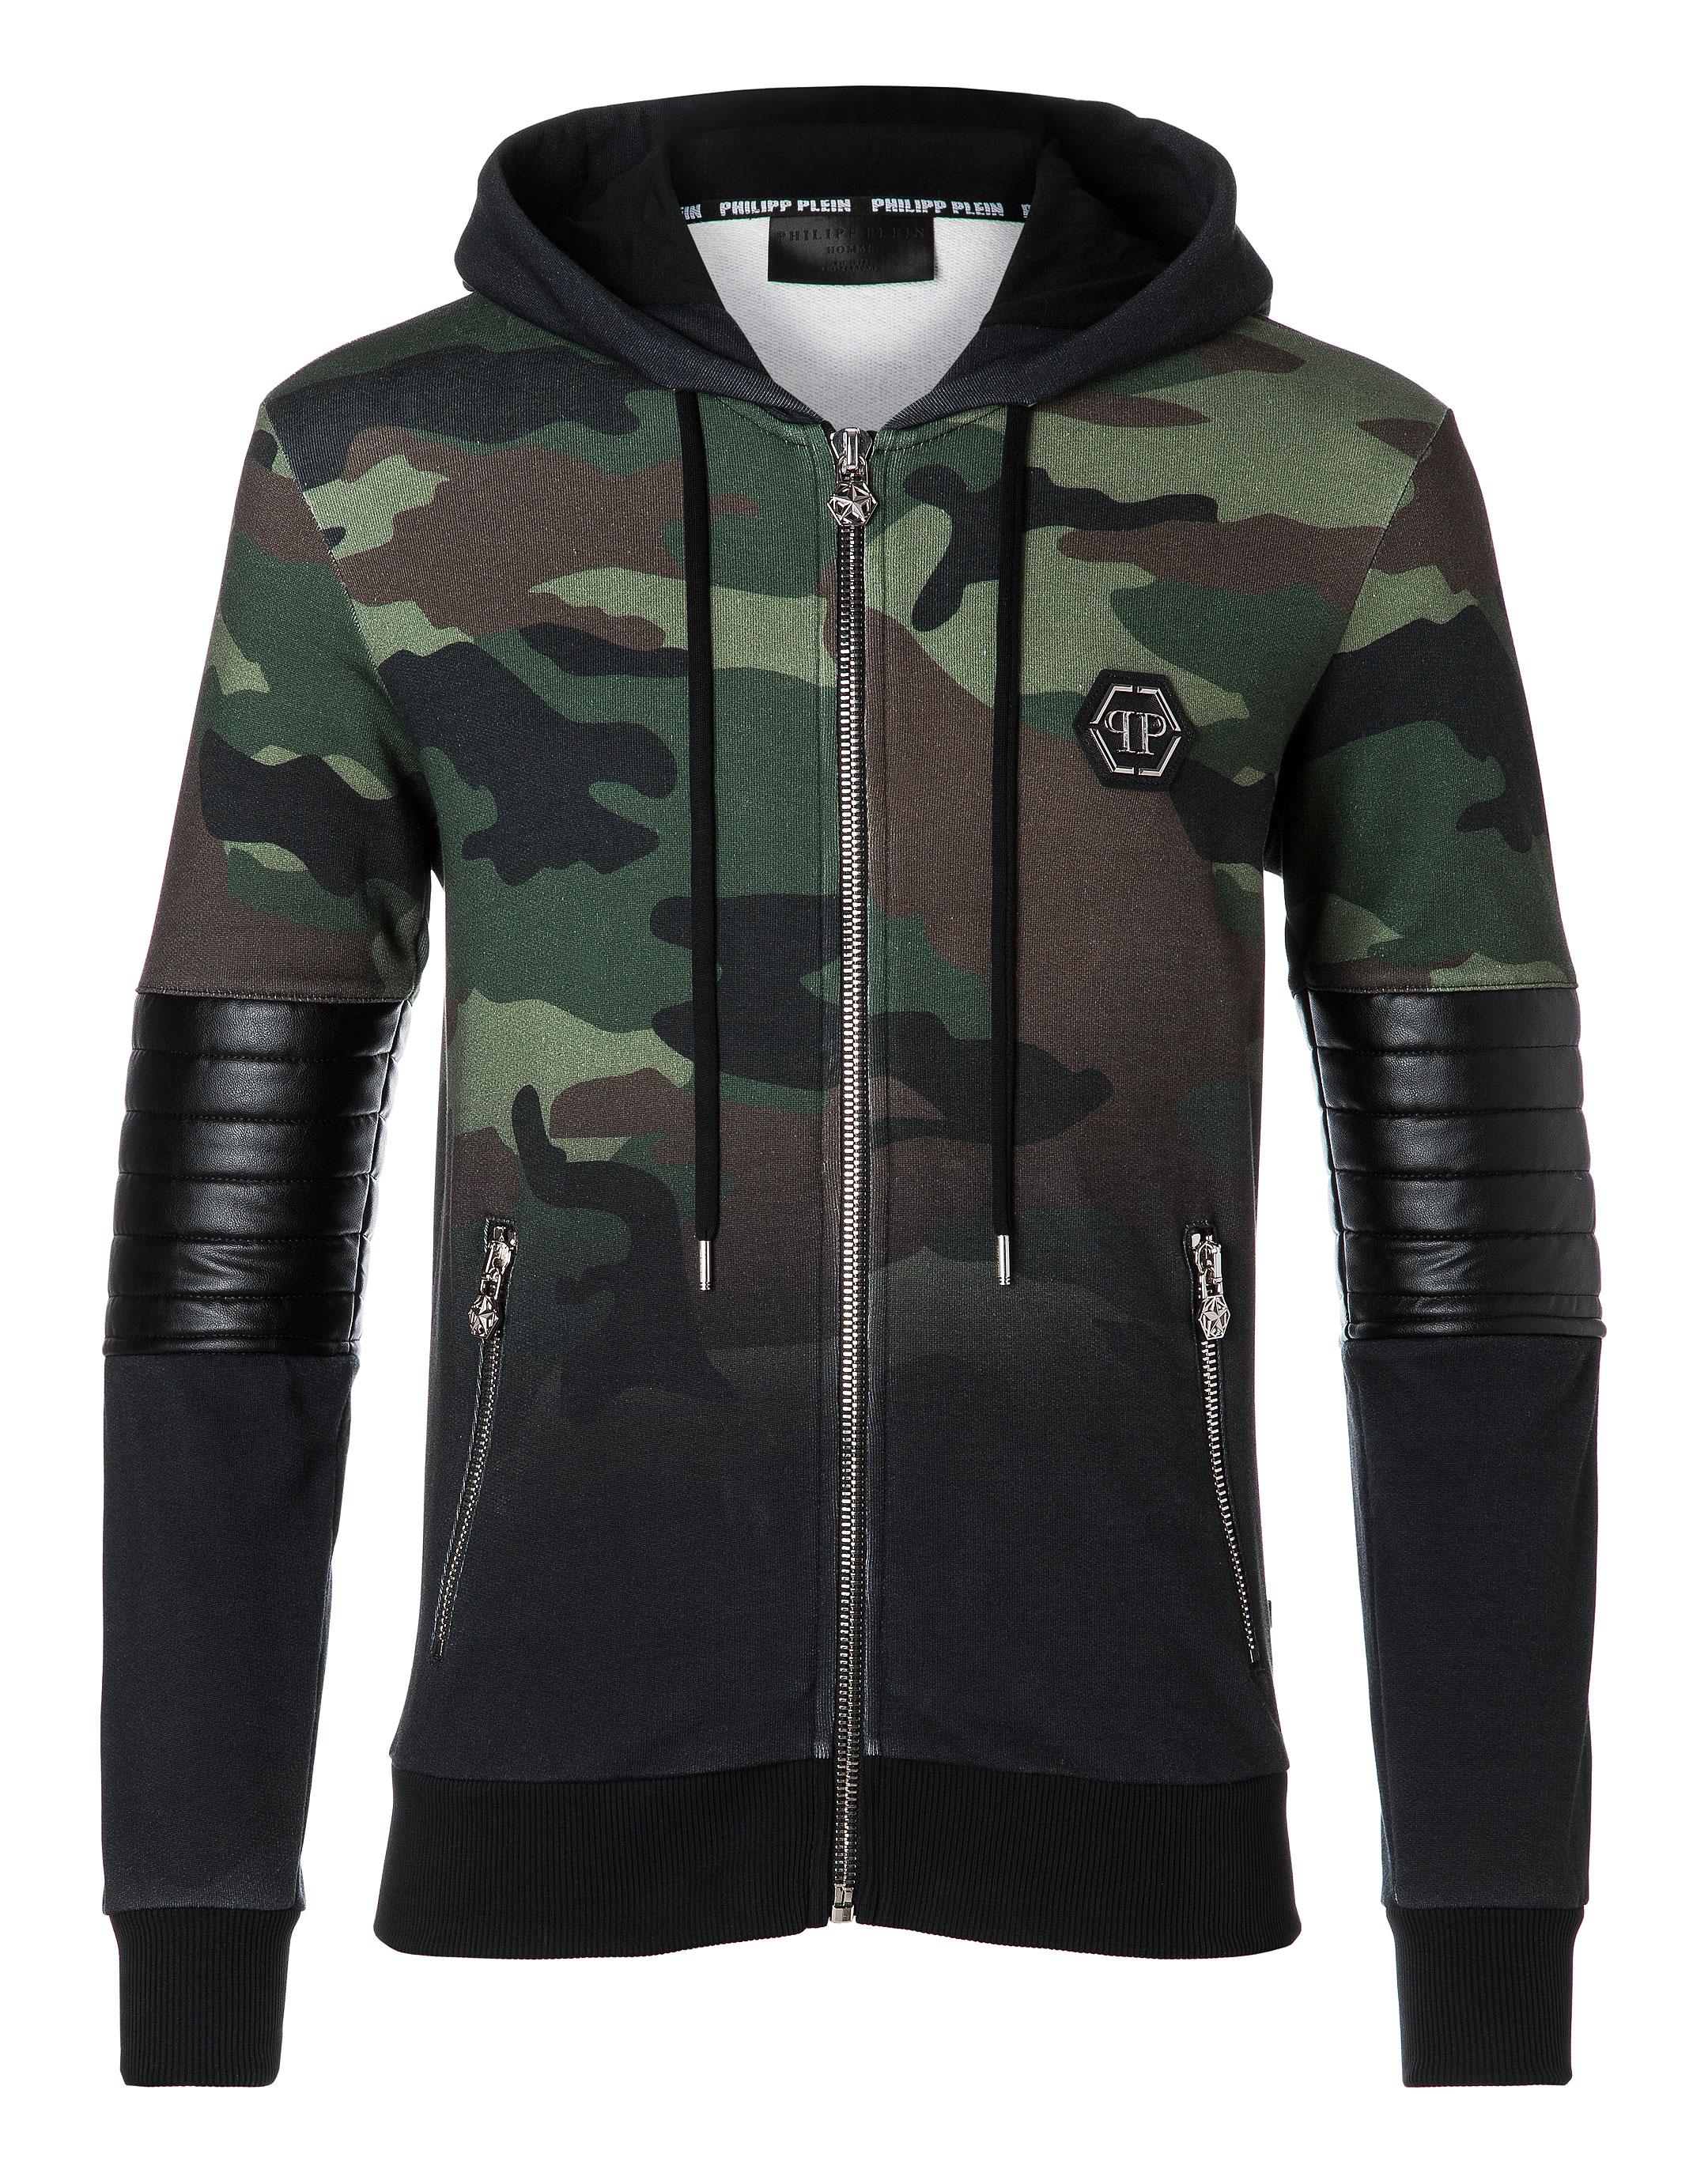 c42649b56bcac Hoodie Sweatjacket